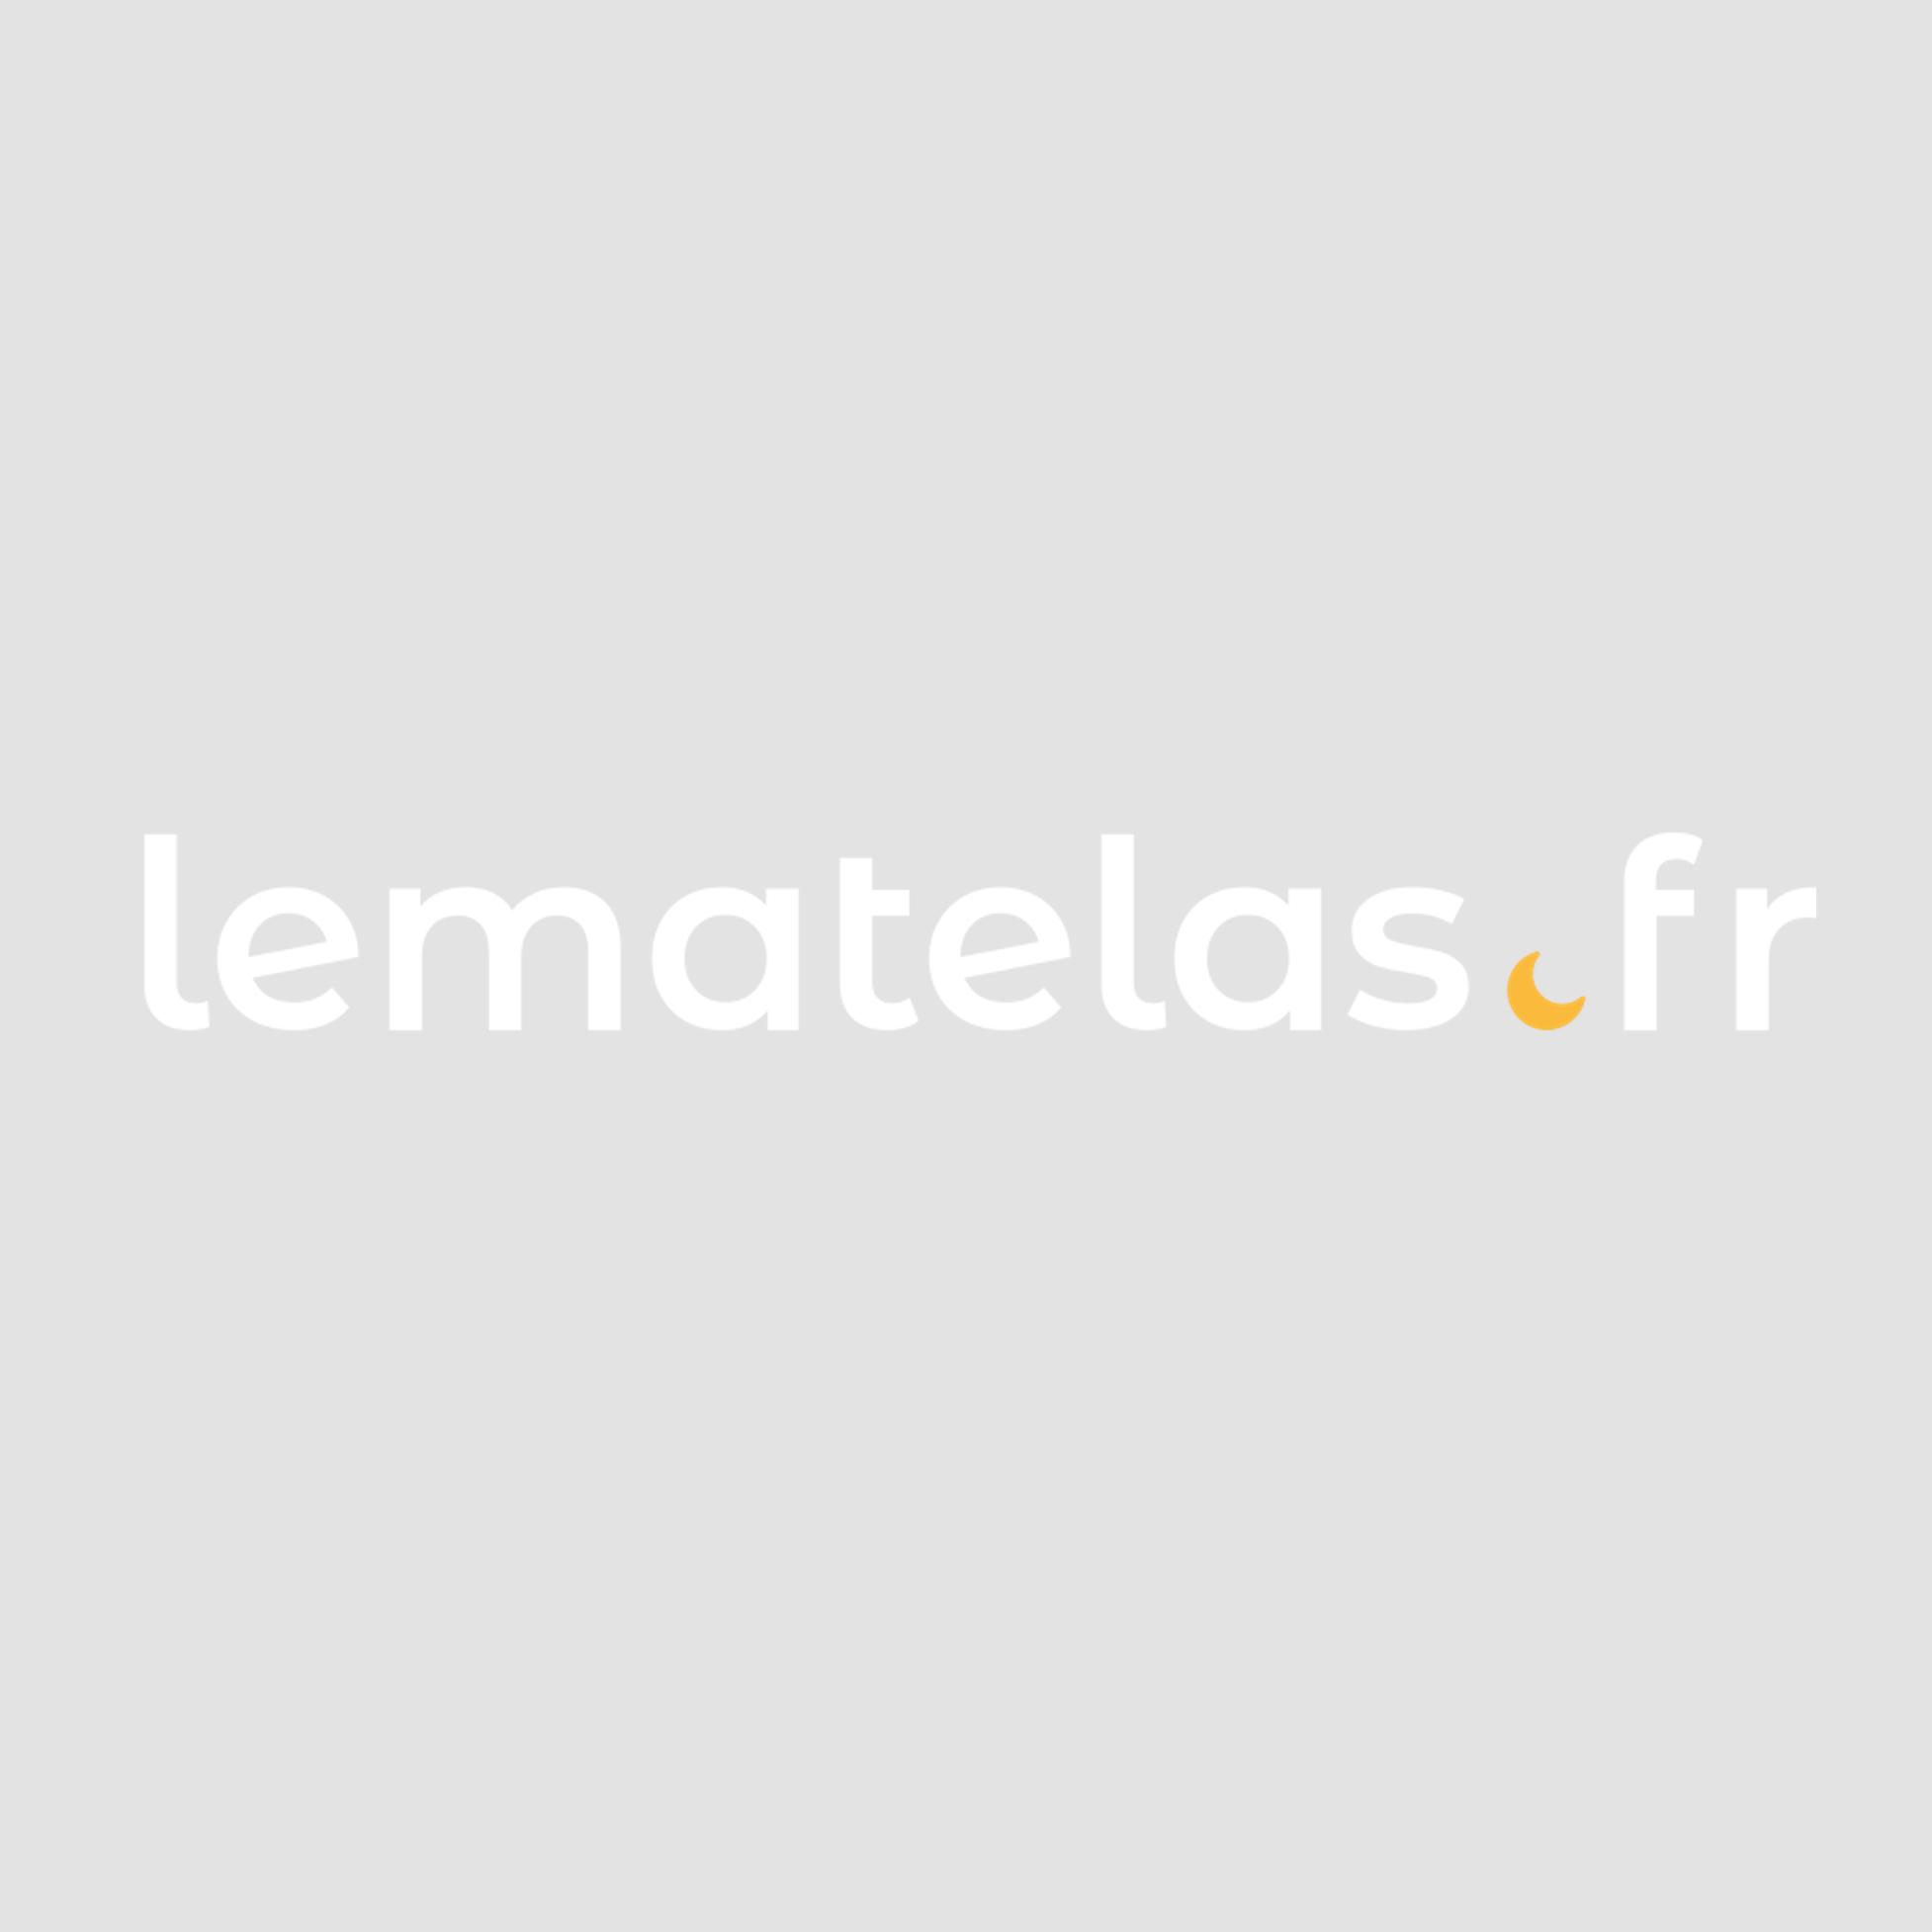 Lit en métal blanc 120x200 - LT4004 - Hôtellerie